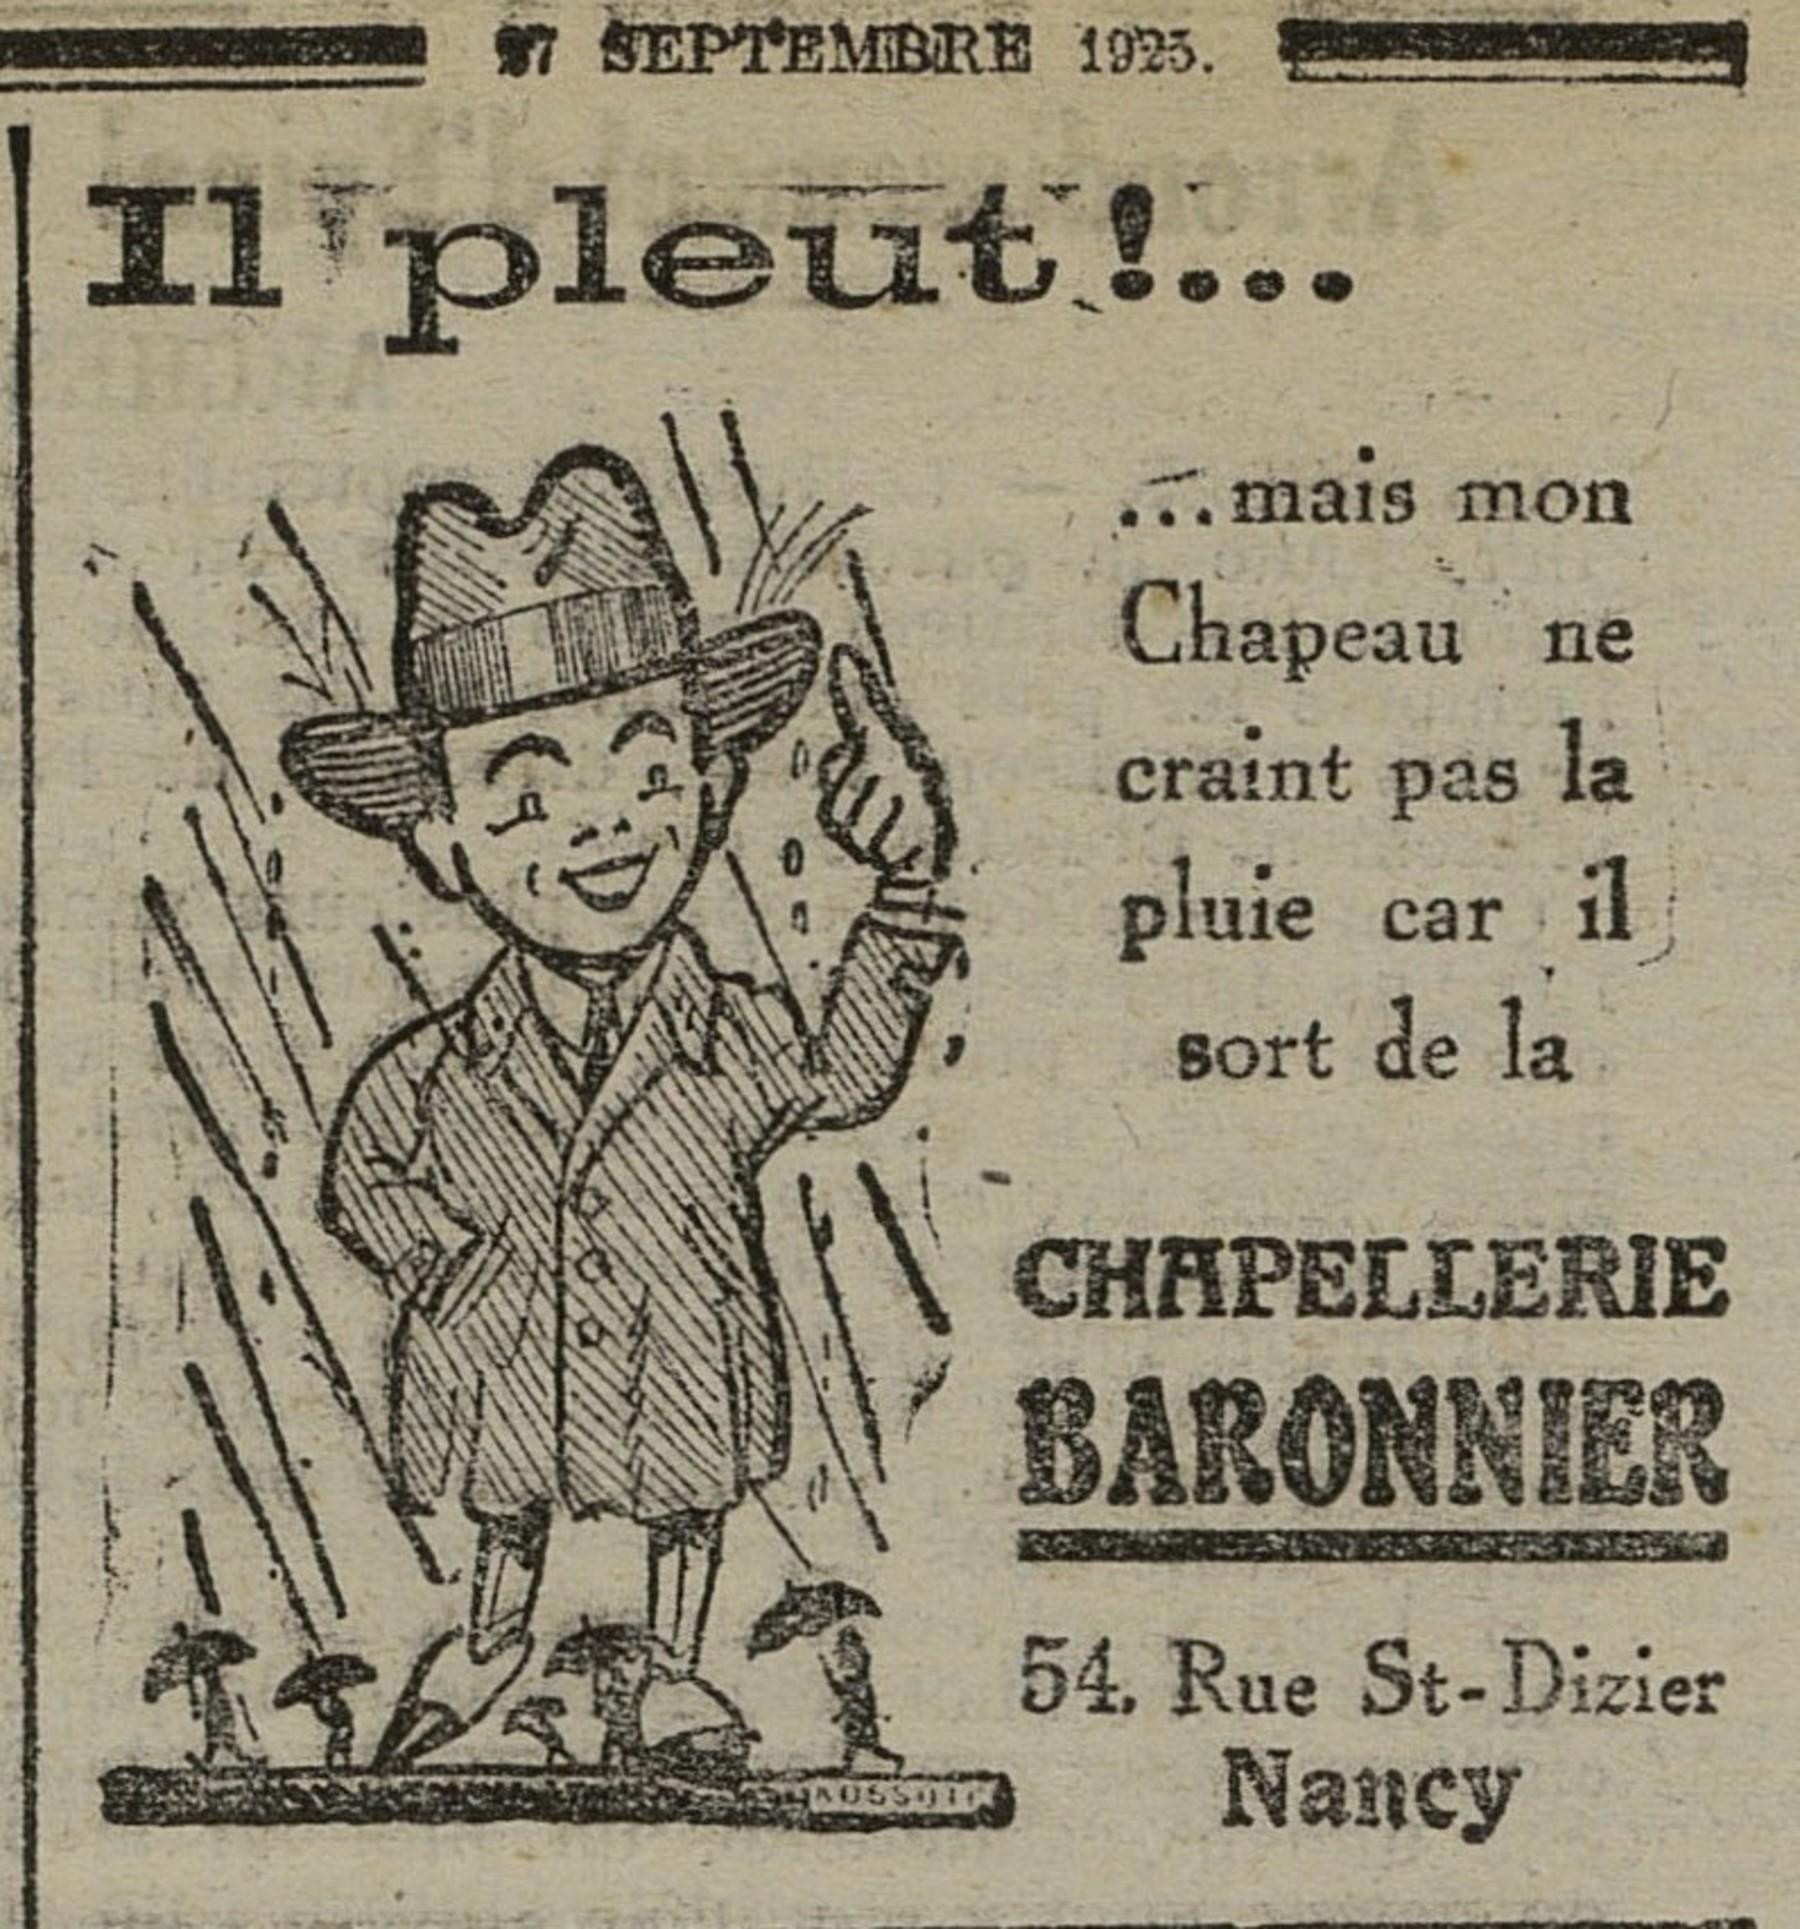 Contenu du Chapellerie Baronnier